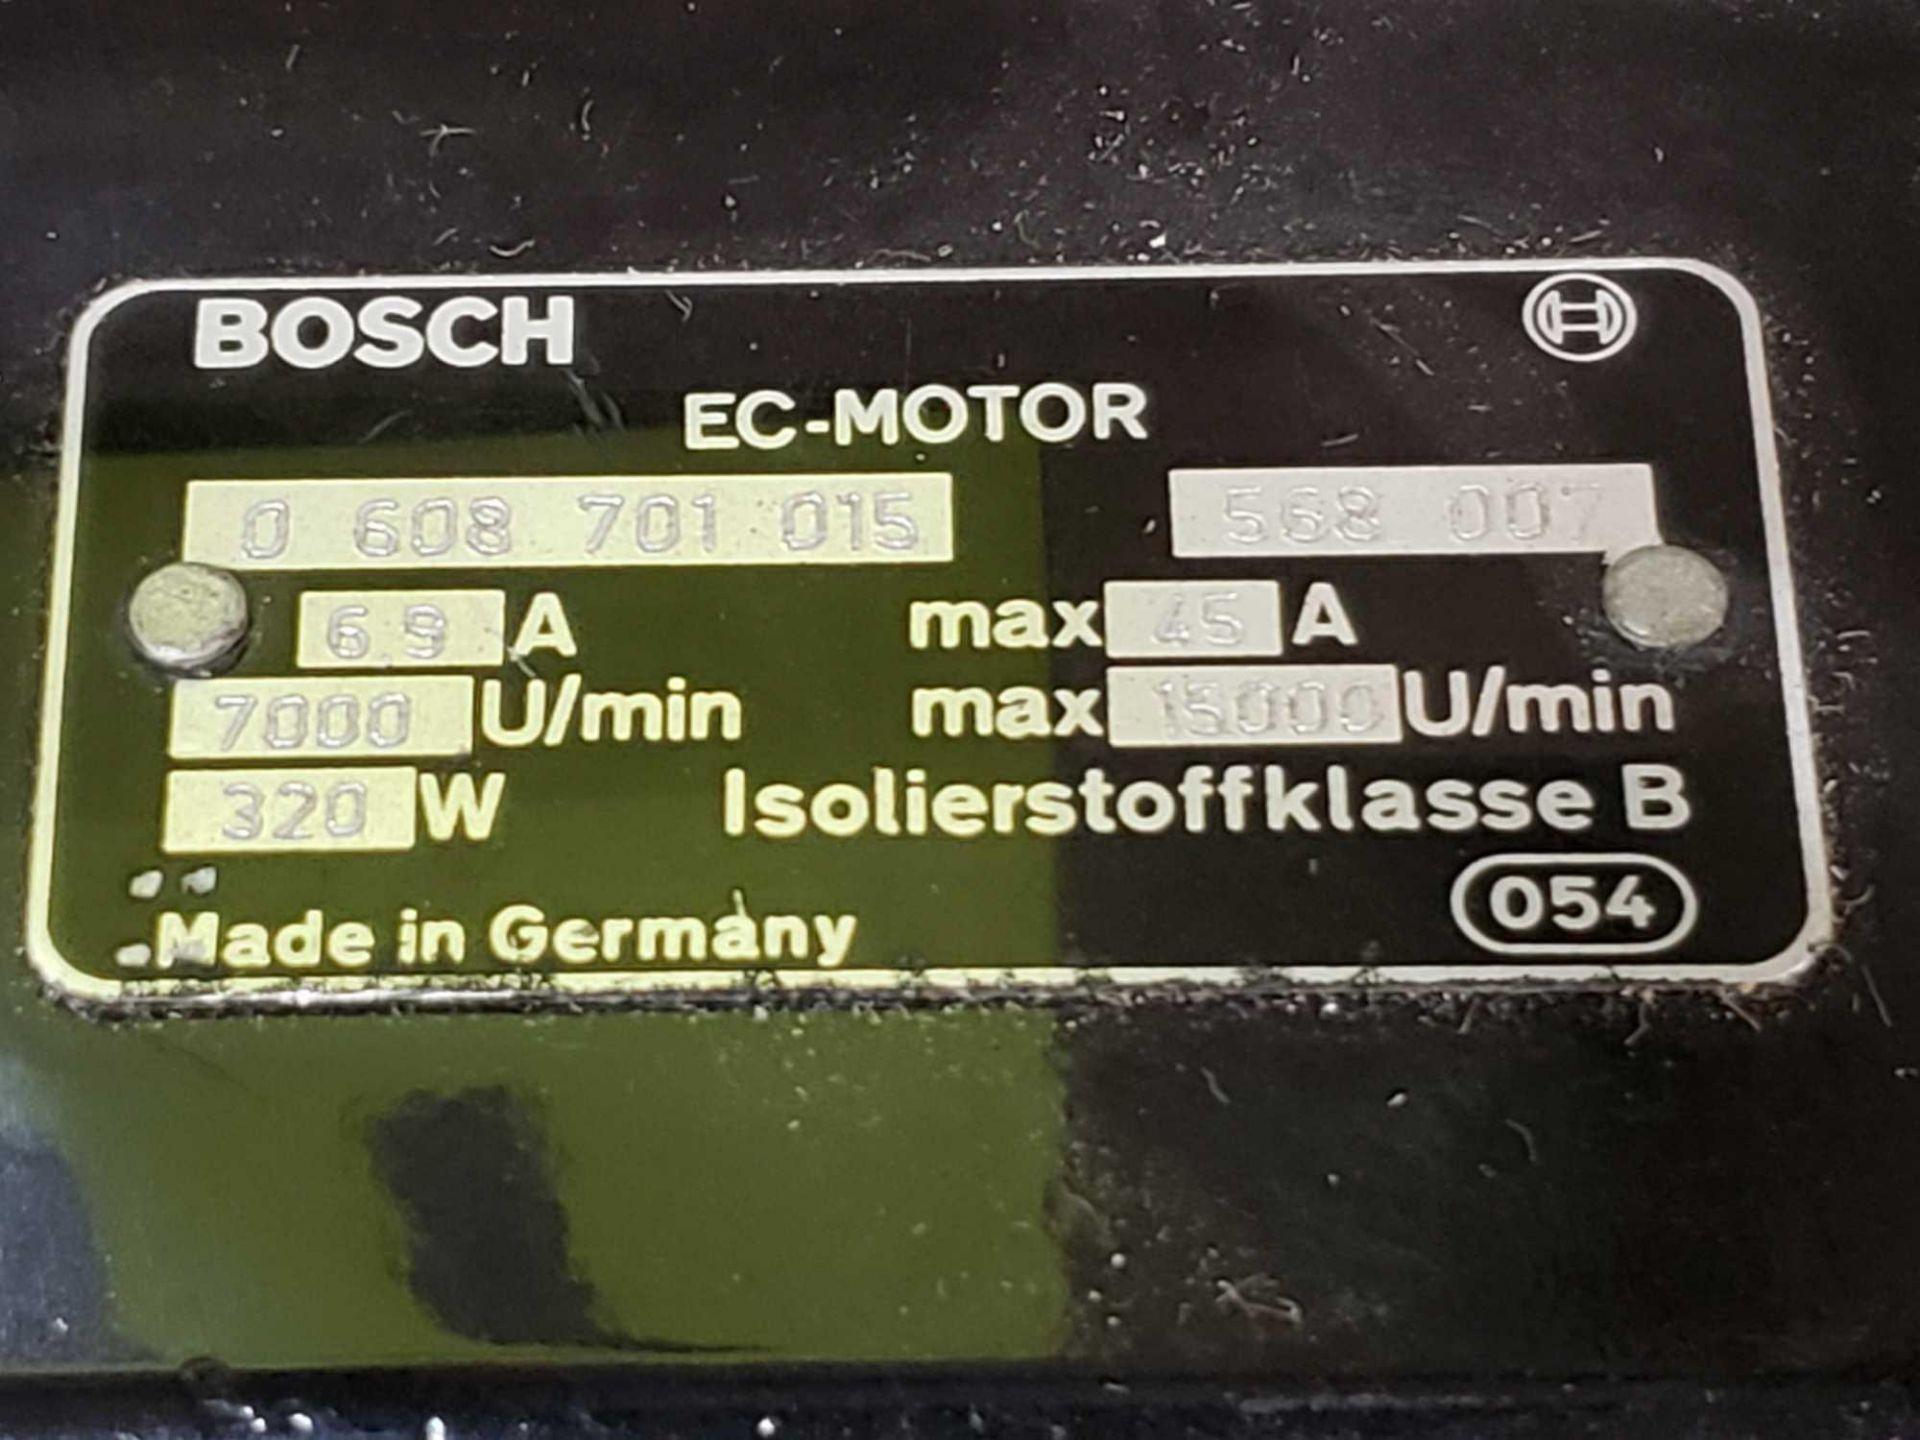 Lot 17 - Bosch EC motor model 0-608-701-015. Appears to be new old stock with shelf wear.